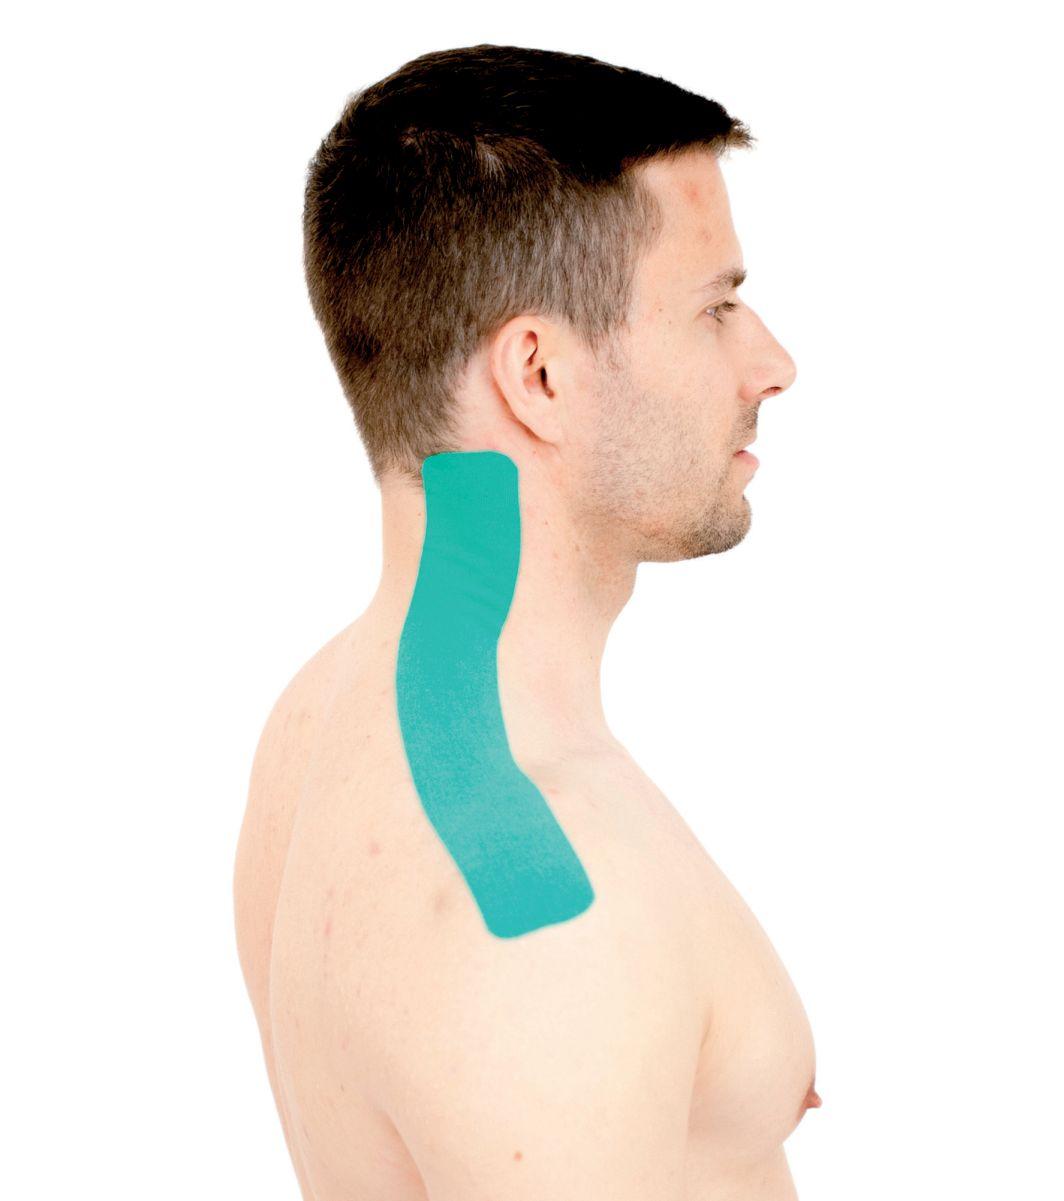 Tejpování krku – krčních svalů 1